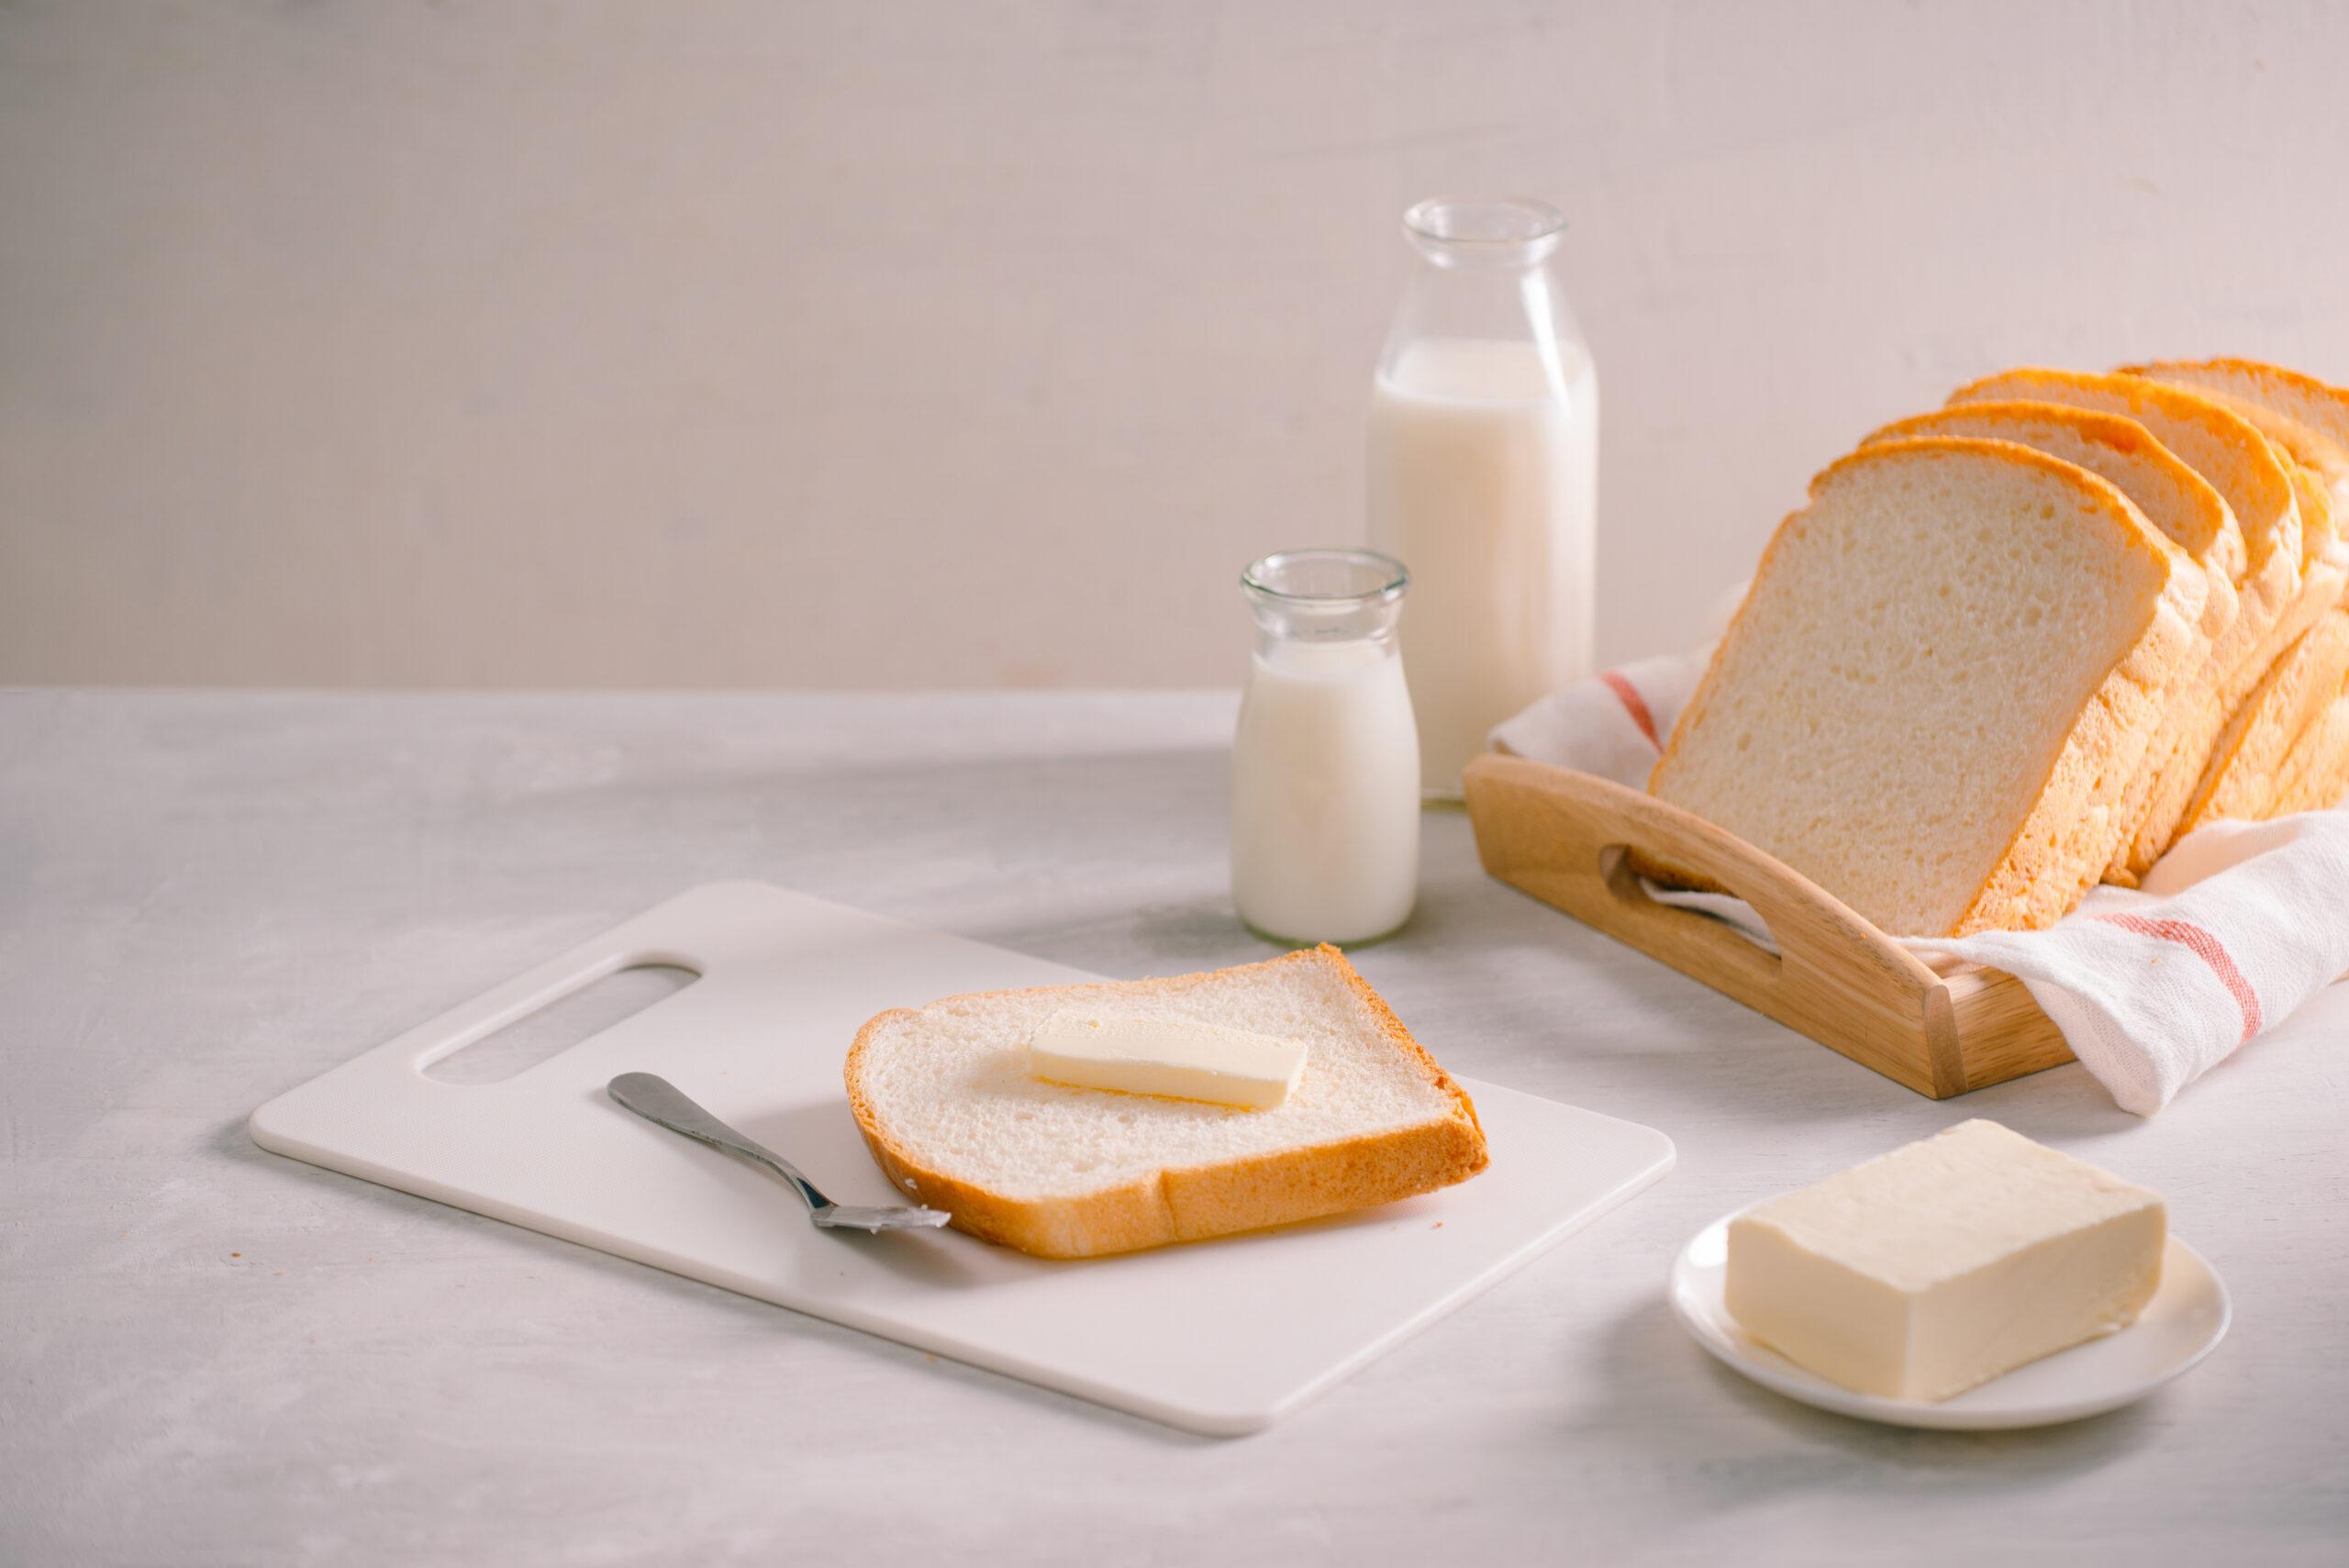 ふかふかなパンは、とても愛おしい